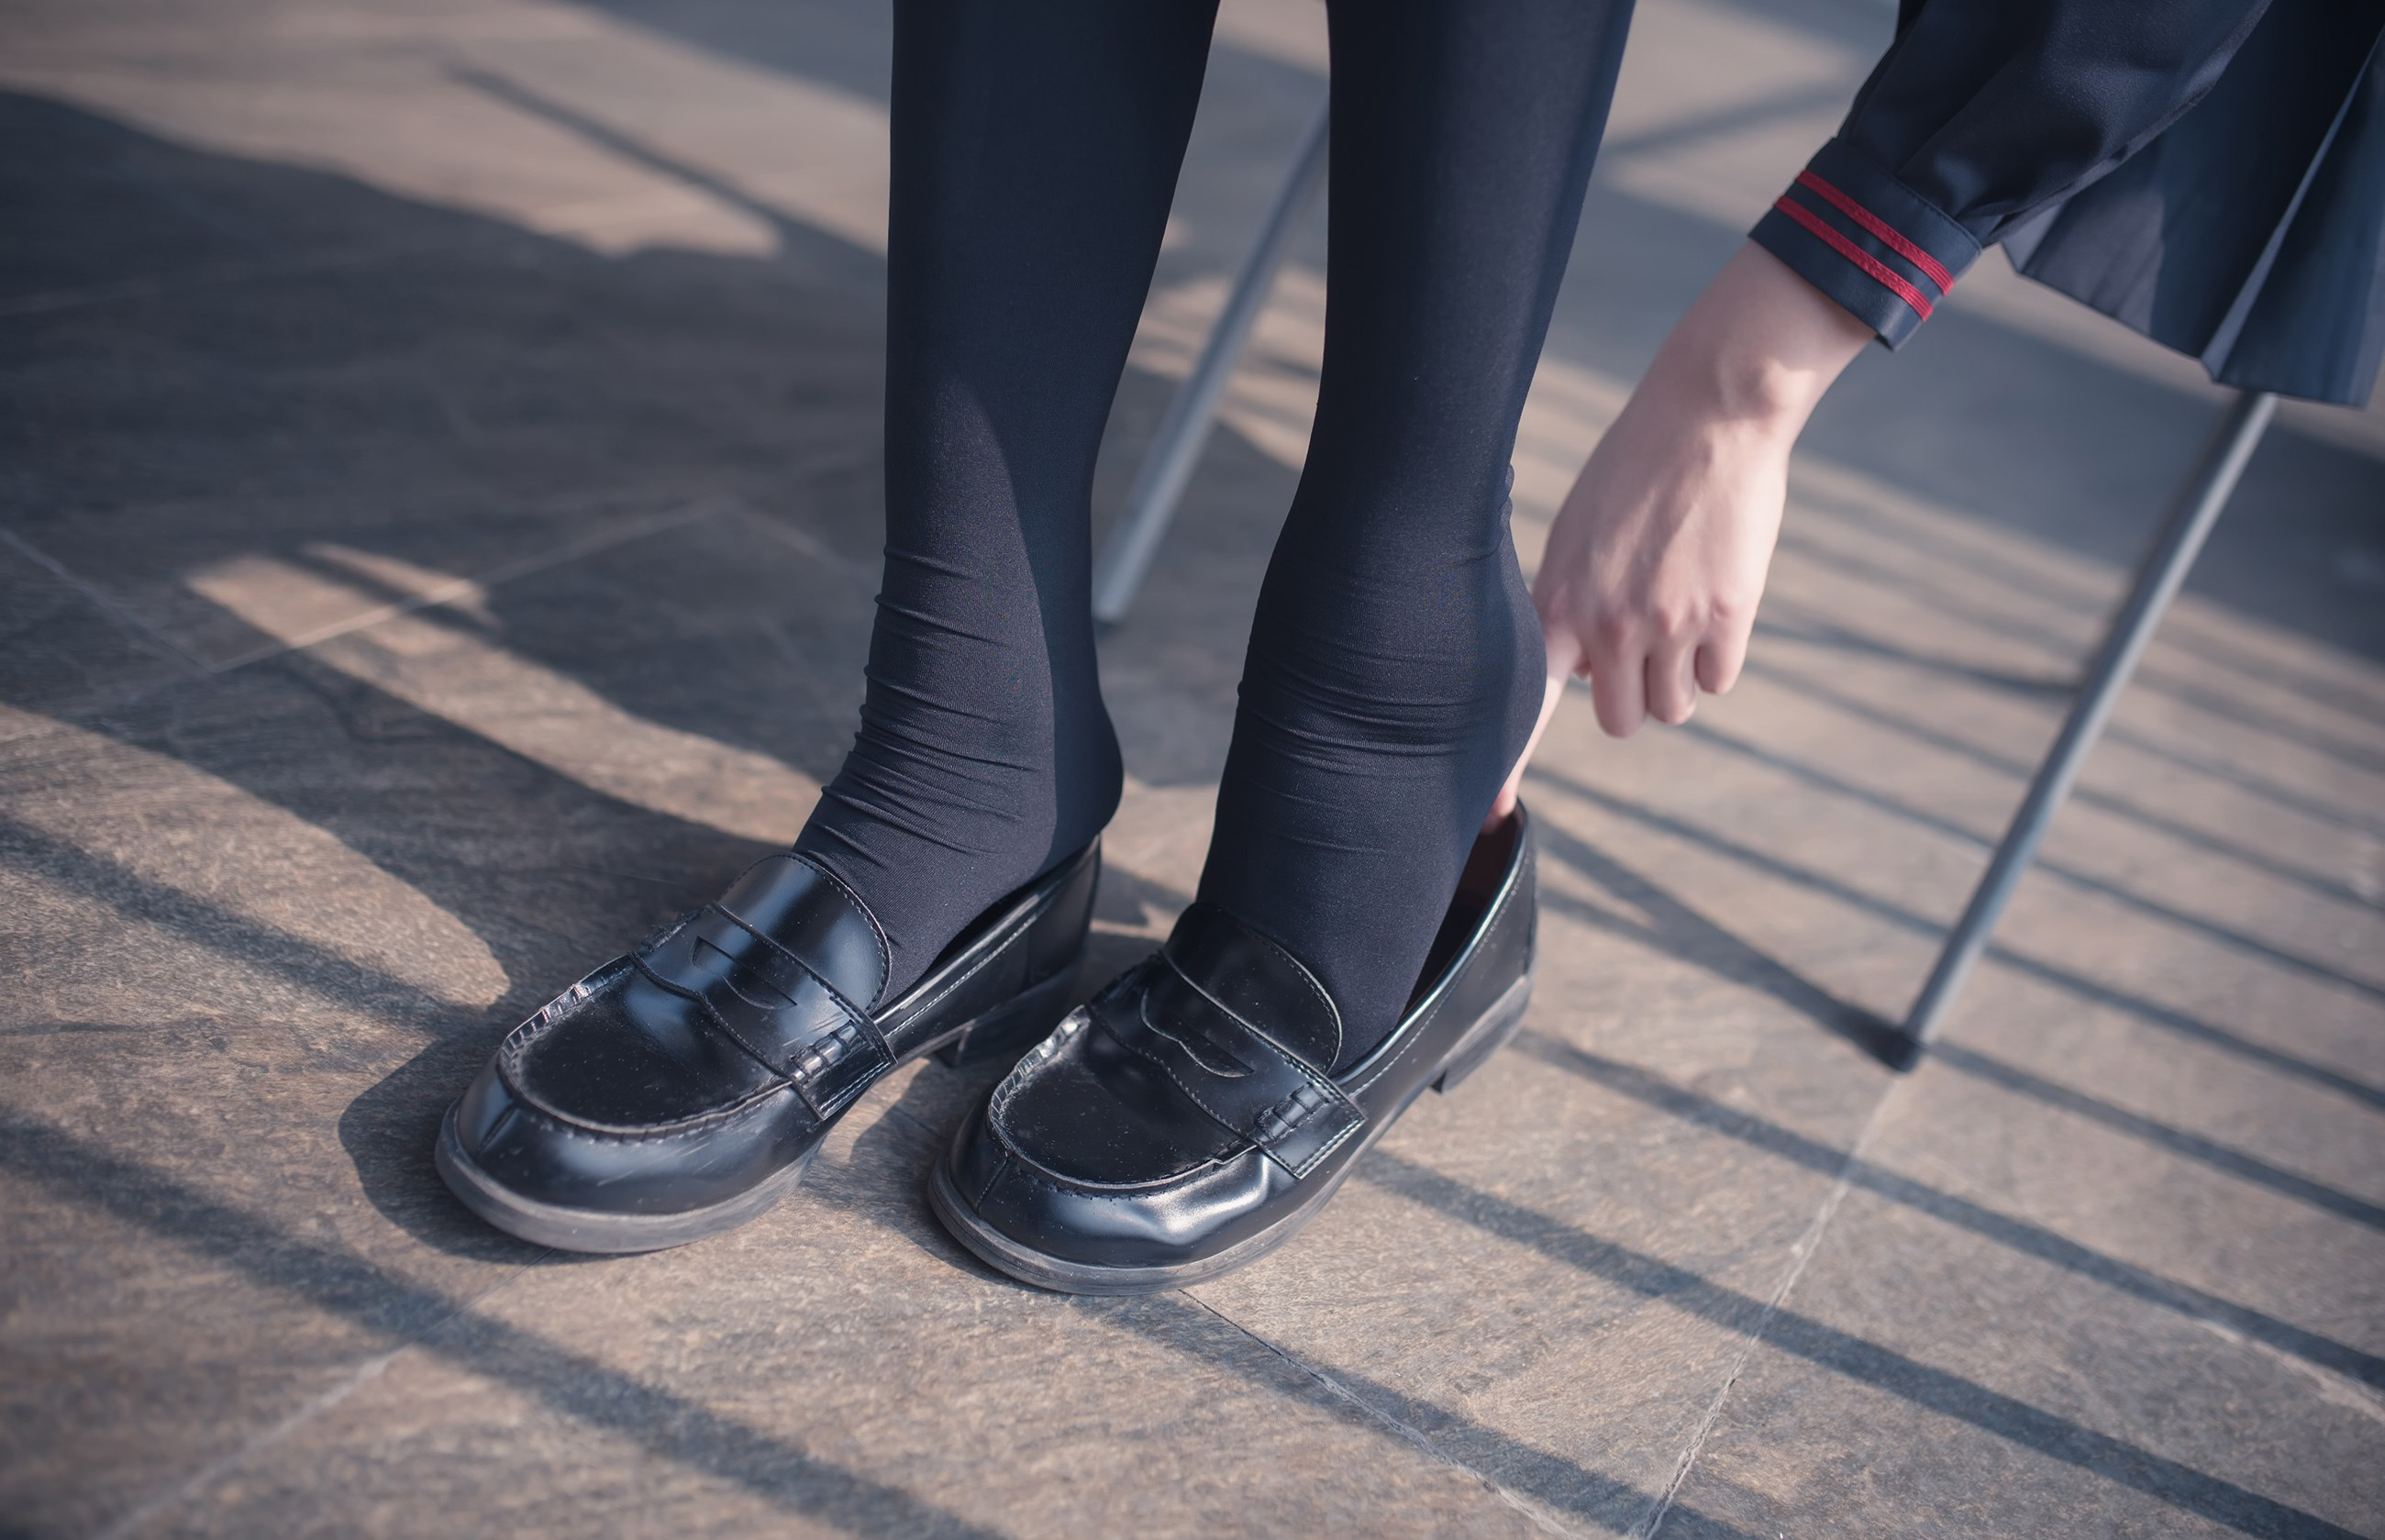 【兔玩映画】黑丝过膝袜 兔玩映画 第17张